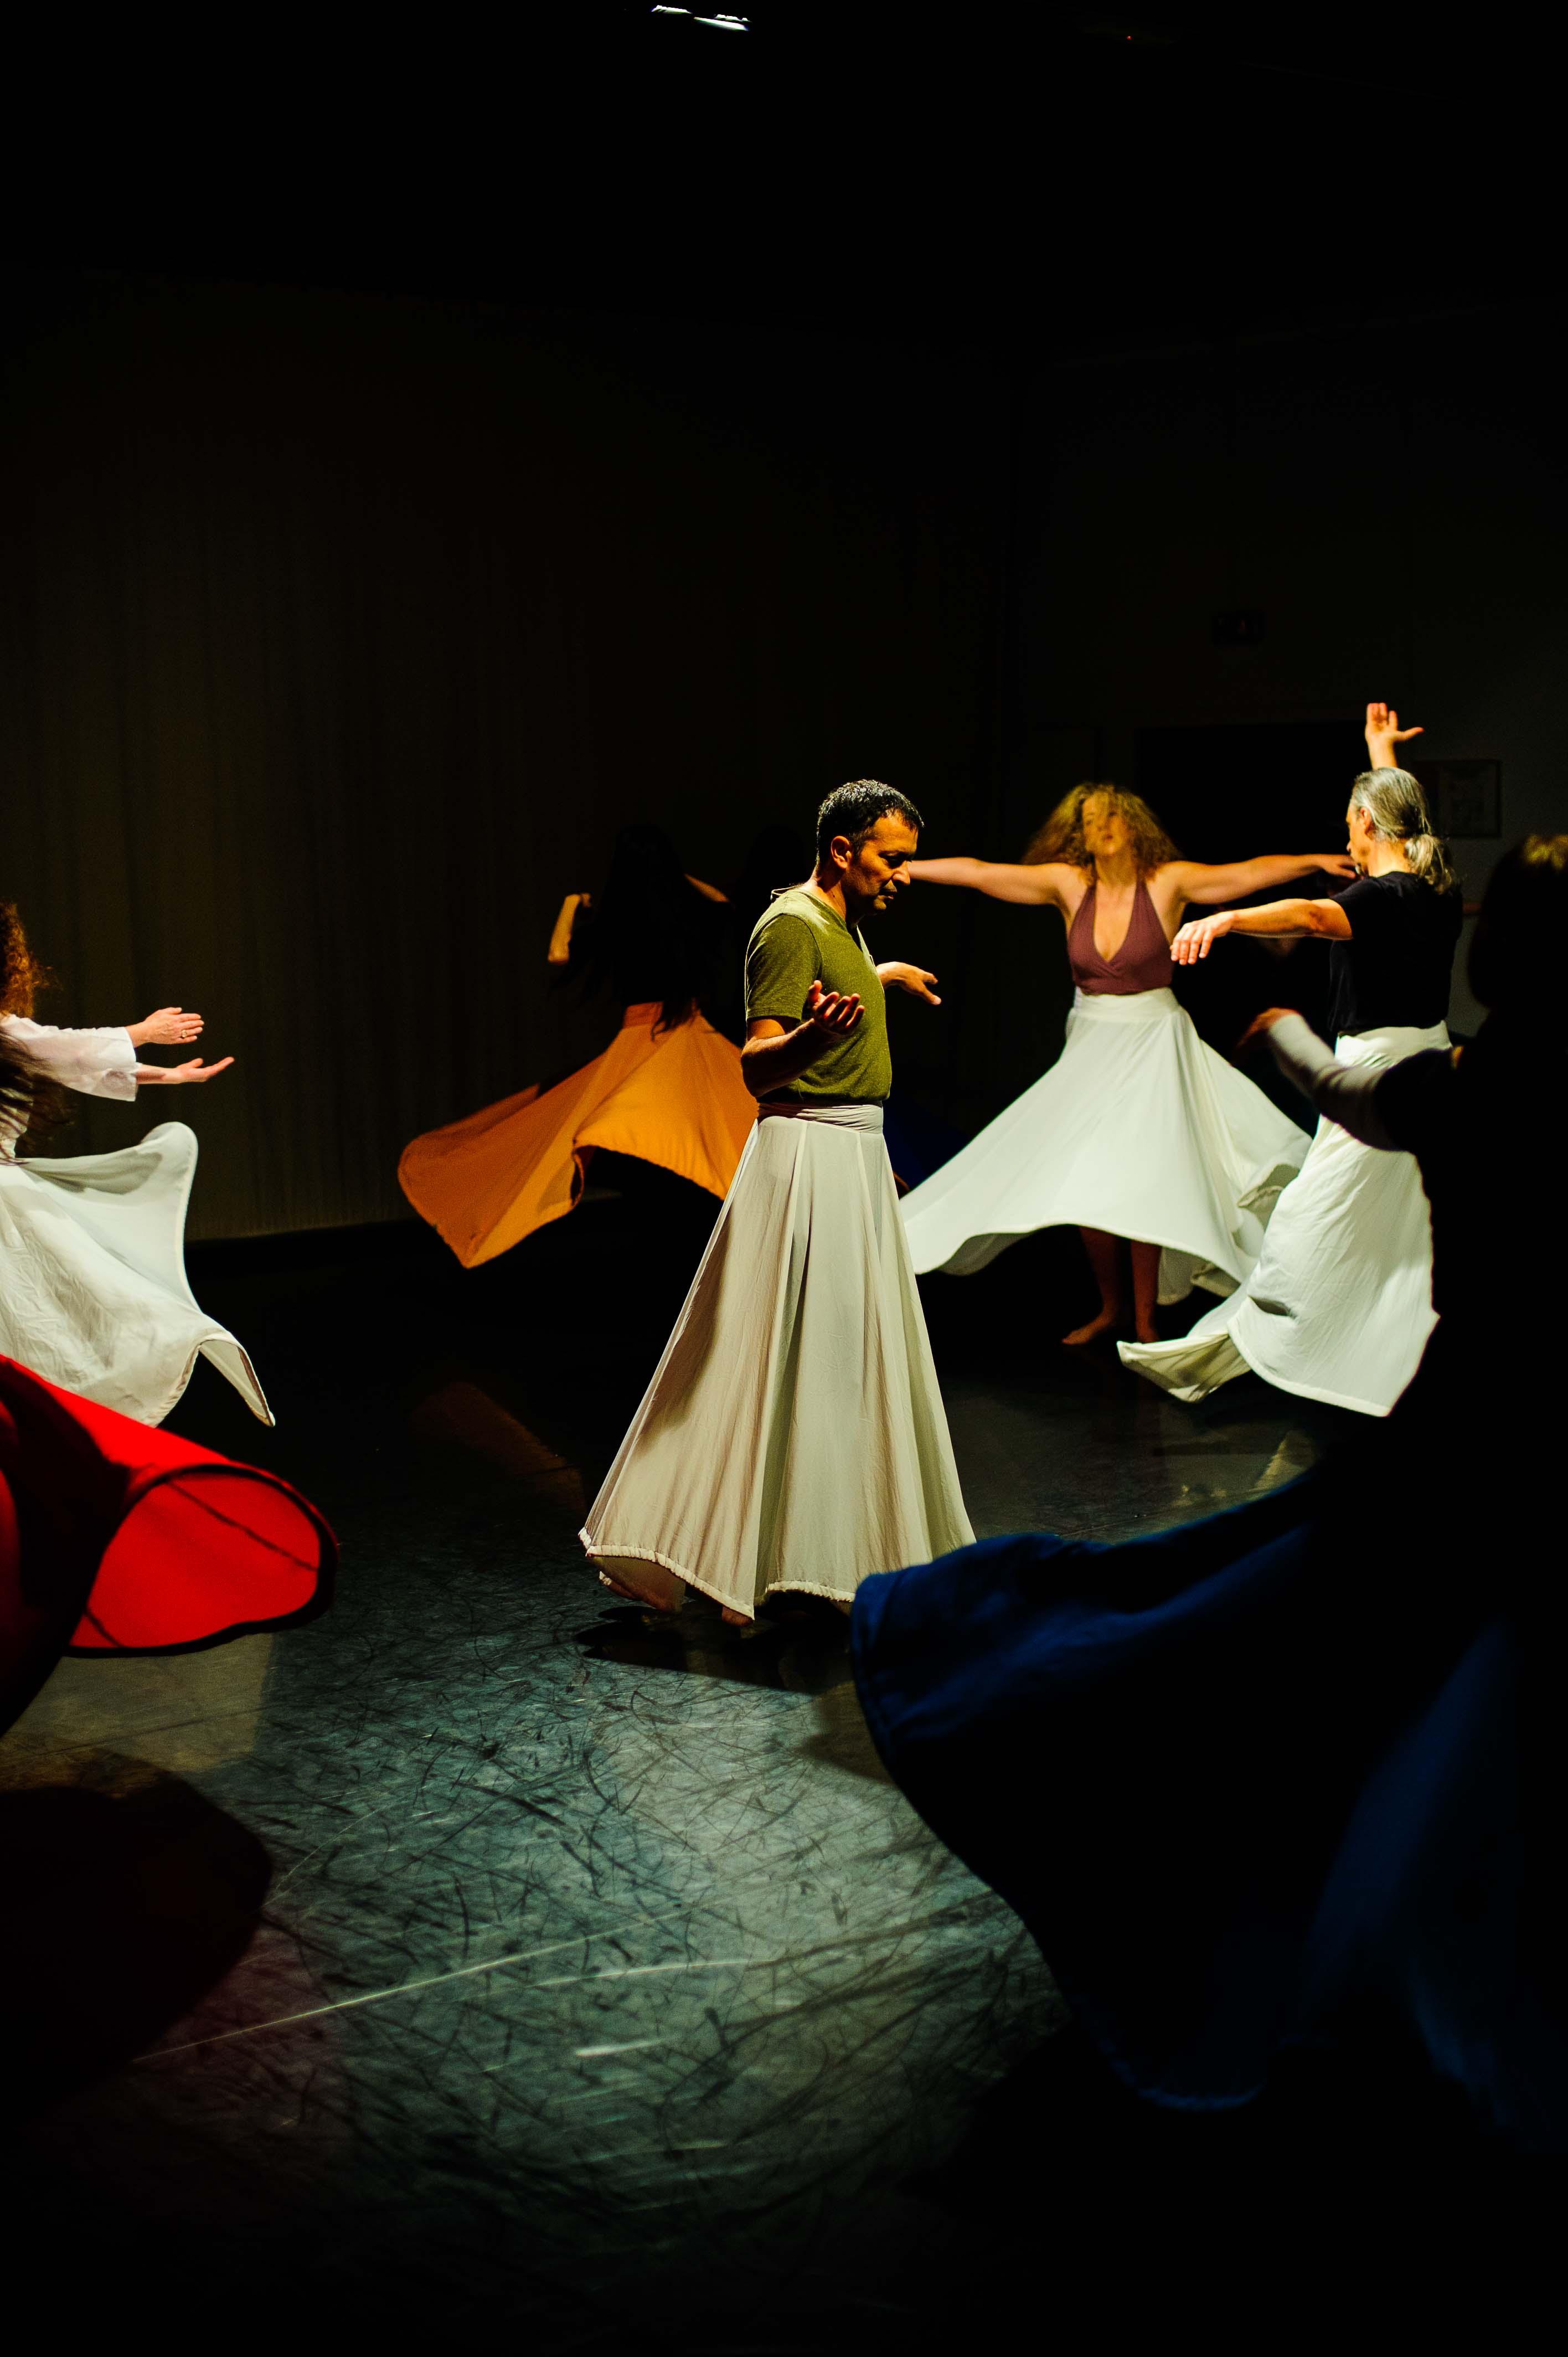 Trans n Dance - Sufi Dance - Transe En Danse - Danse Soufie - Rana Gorgani